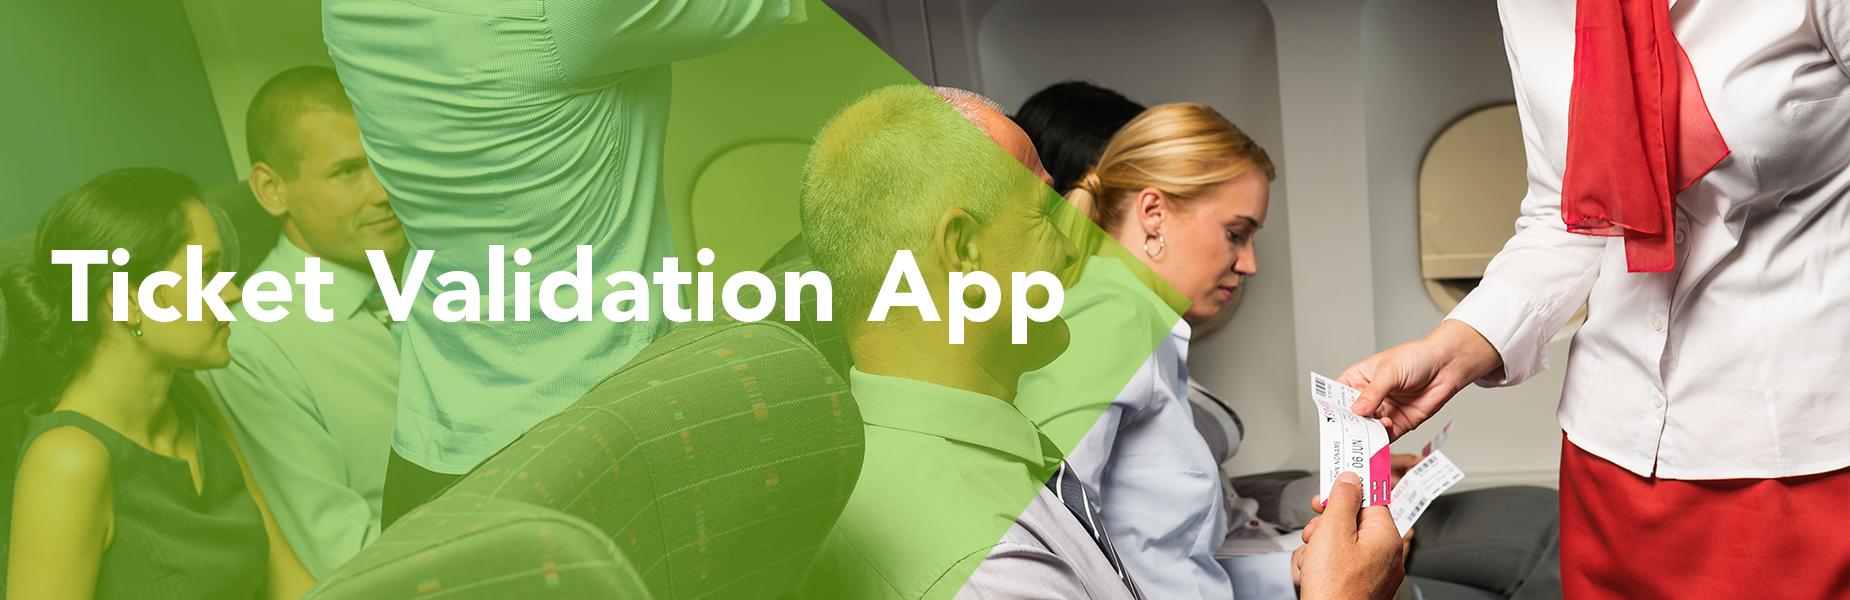 Ticket Validation App in KOAMTACON